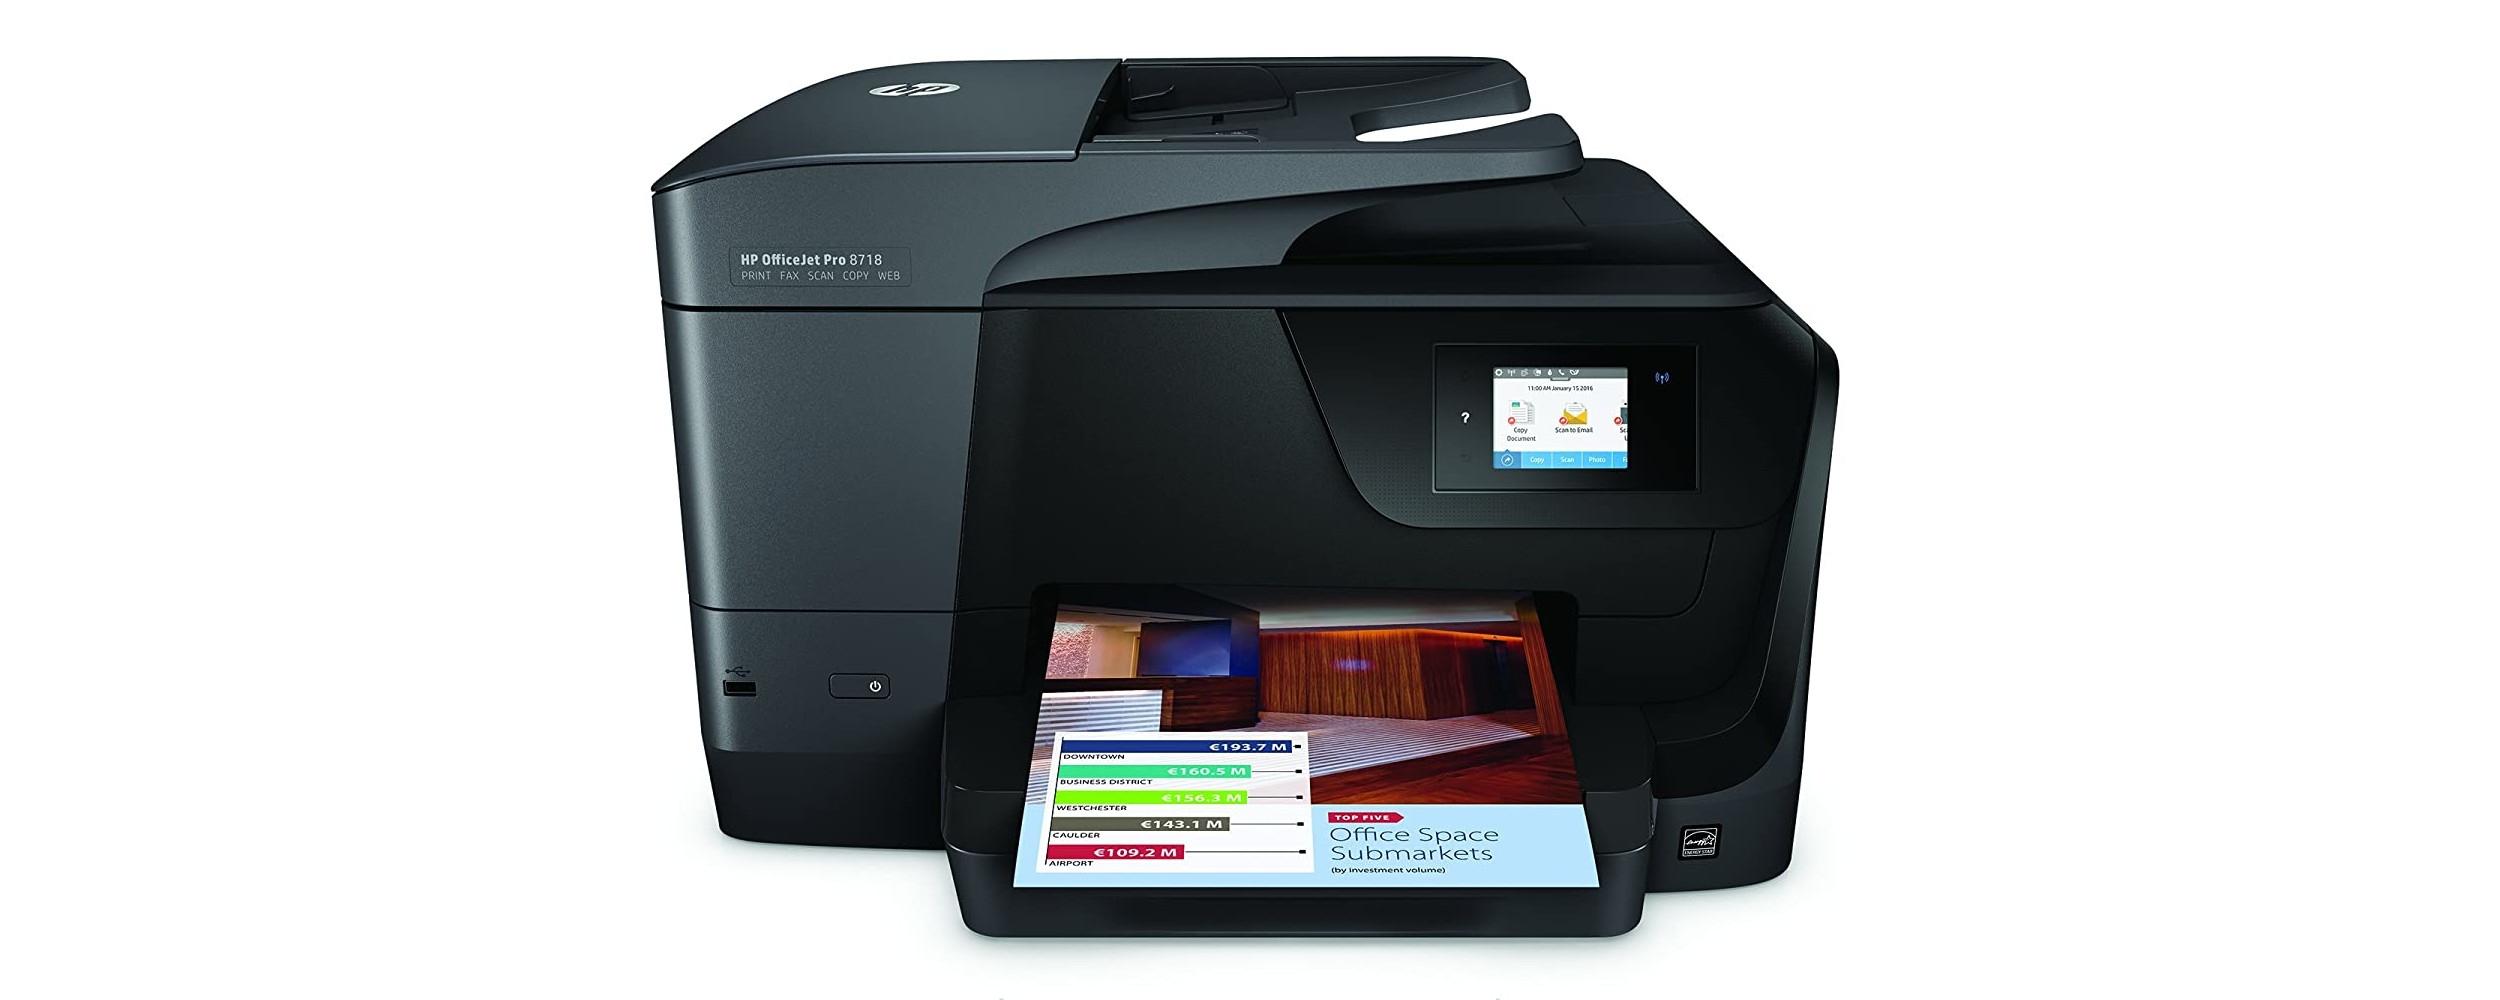 Cartuchos HP OfficeJet Pro 8718